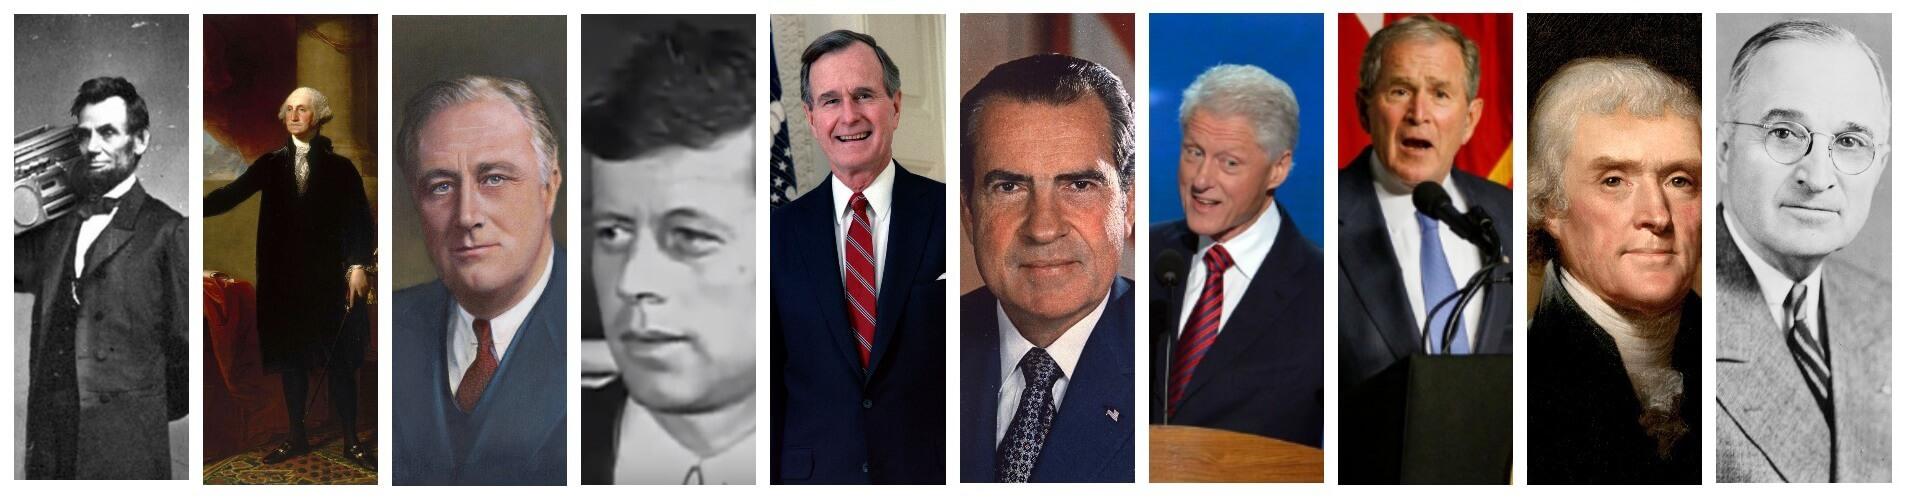 10 самых выдающихся президентов США